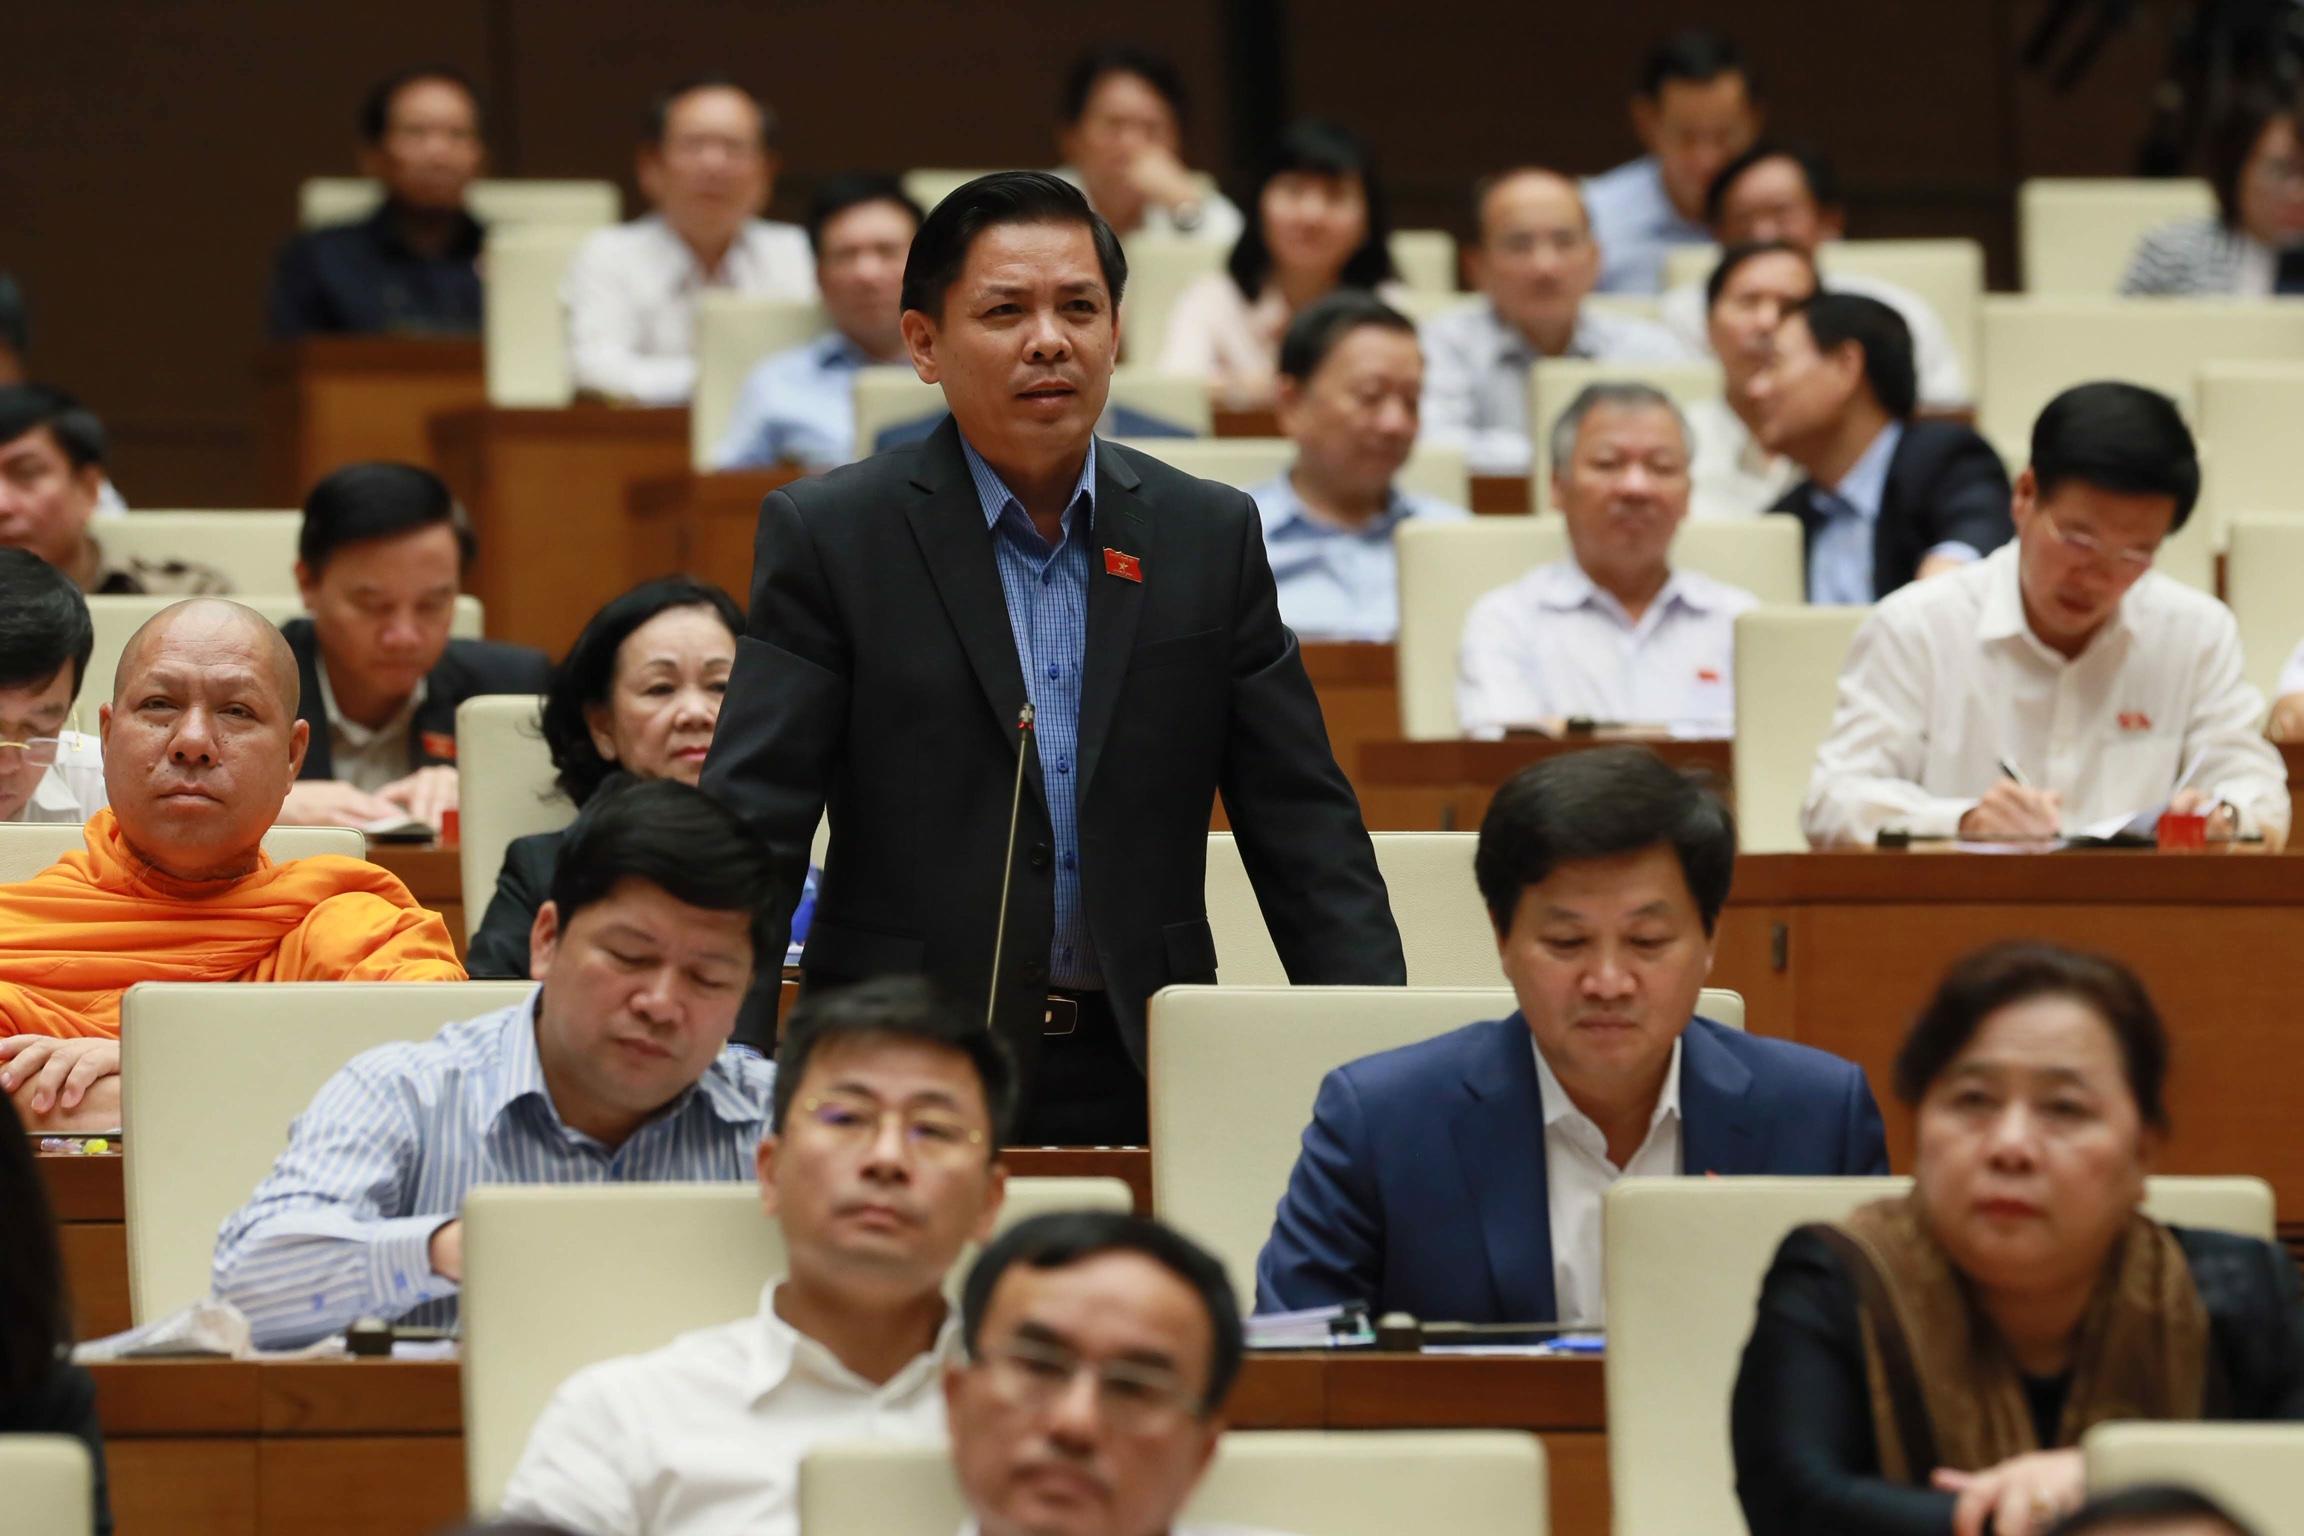 Bộ trưởng Bộ Giao thông Vận tải Nguyễn Văn Thể. Ảnh: VGP/Nhật Bắc